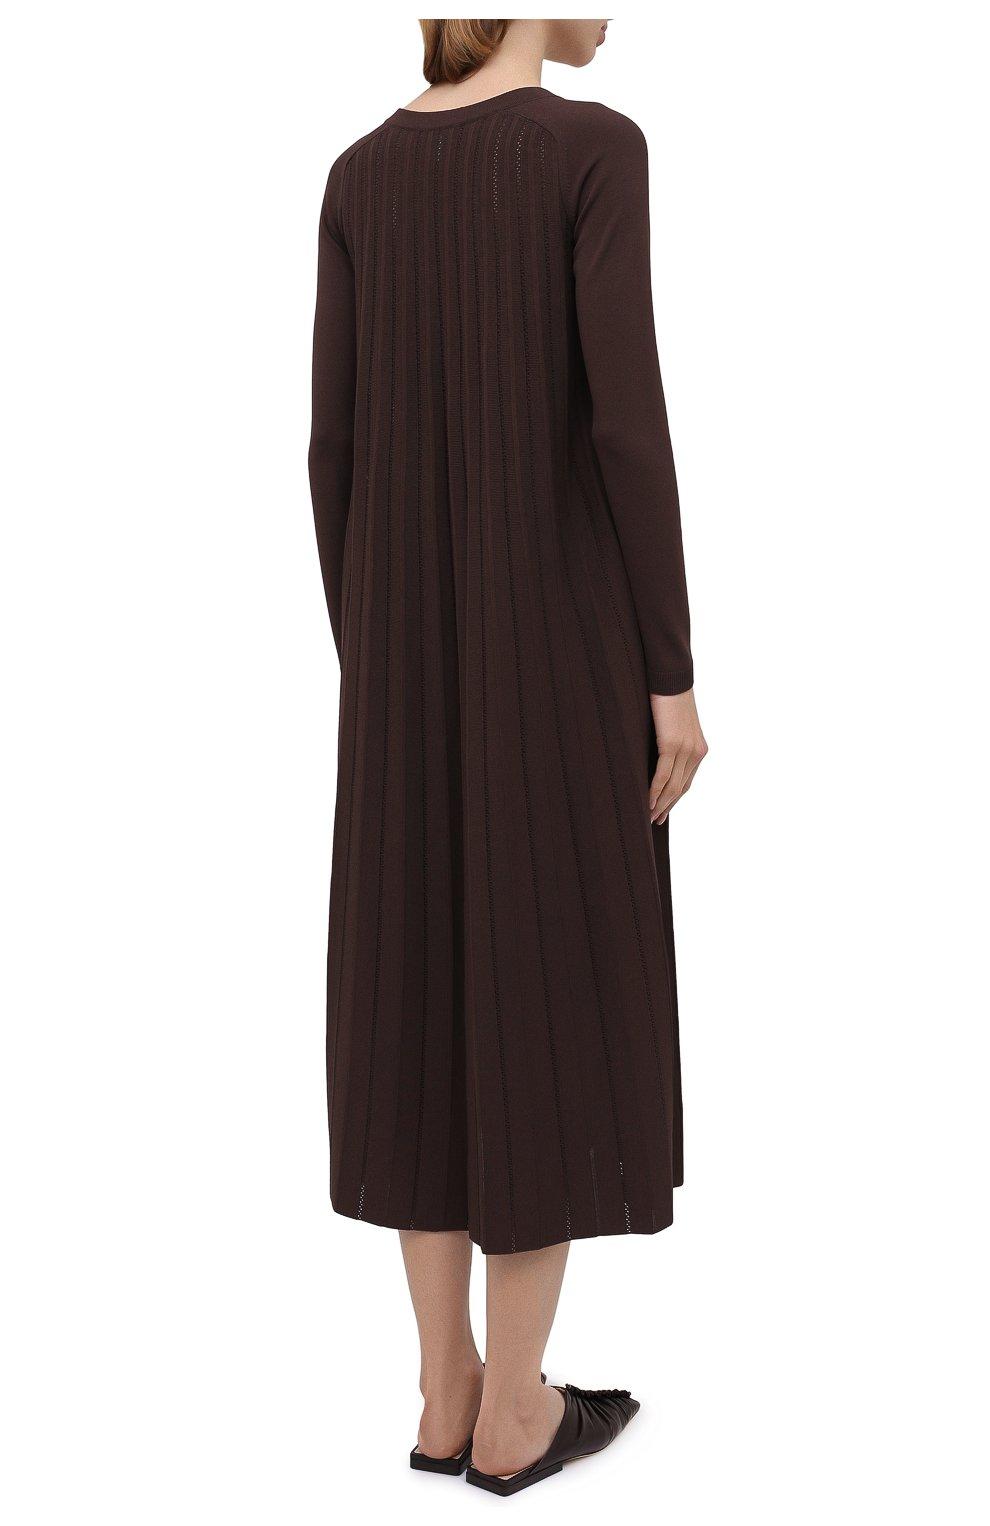 Женское платье из вискозы CASASOLA коричневого цвета, арт. DRS-C-CARLA/VISC0SE | Фото 4 (Рукава: Длинные; Случай: Повседневный; Длина Ж (юбки, платья, шорты): Миди; Материал внешний: Вискоза; Женское Кросс-КТ: Платье-одежда)